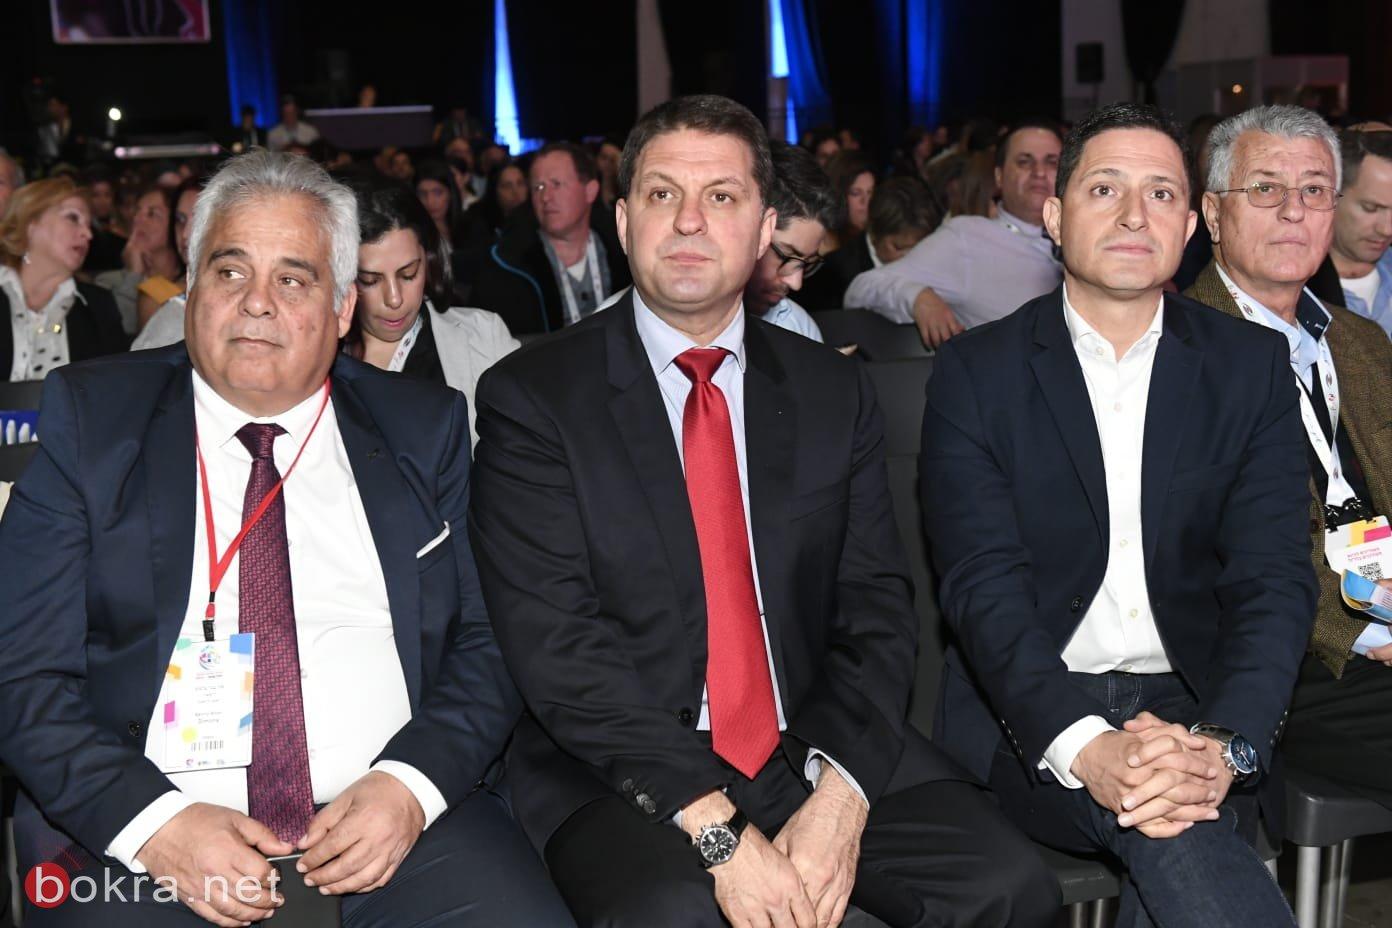 افتتاح مؤتمر السلطات المحلية للسنة الثالثة على التوالي في تل ابيب